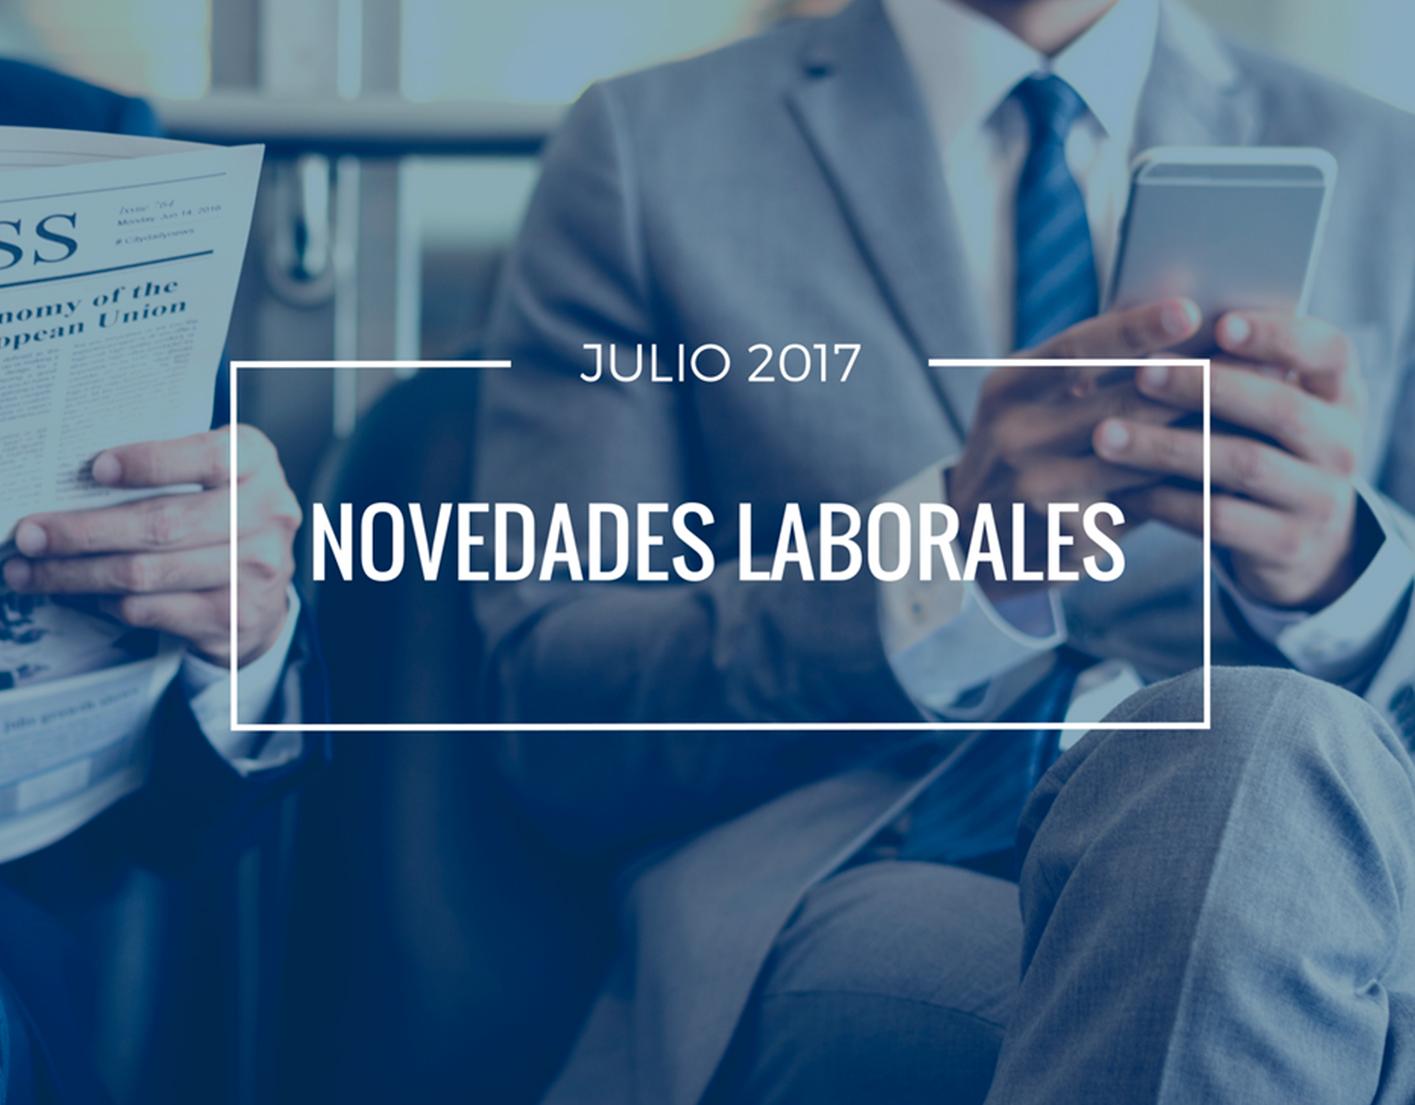 Novedades laborales julio